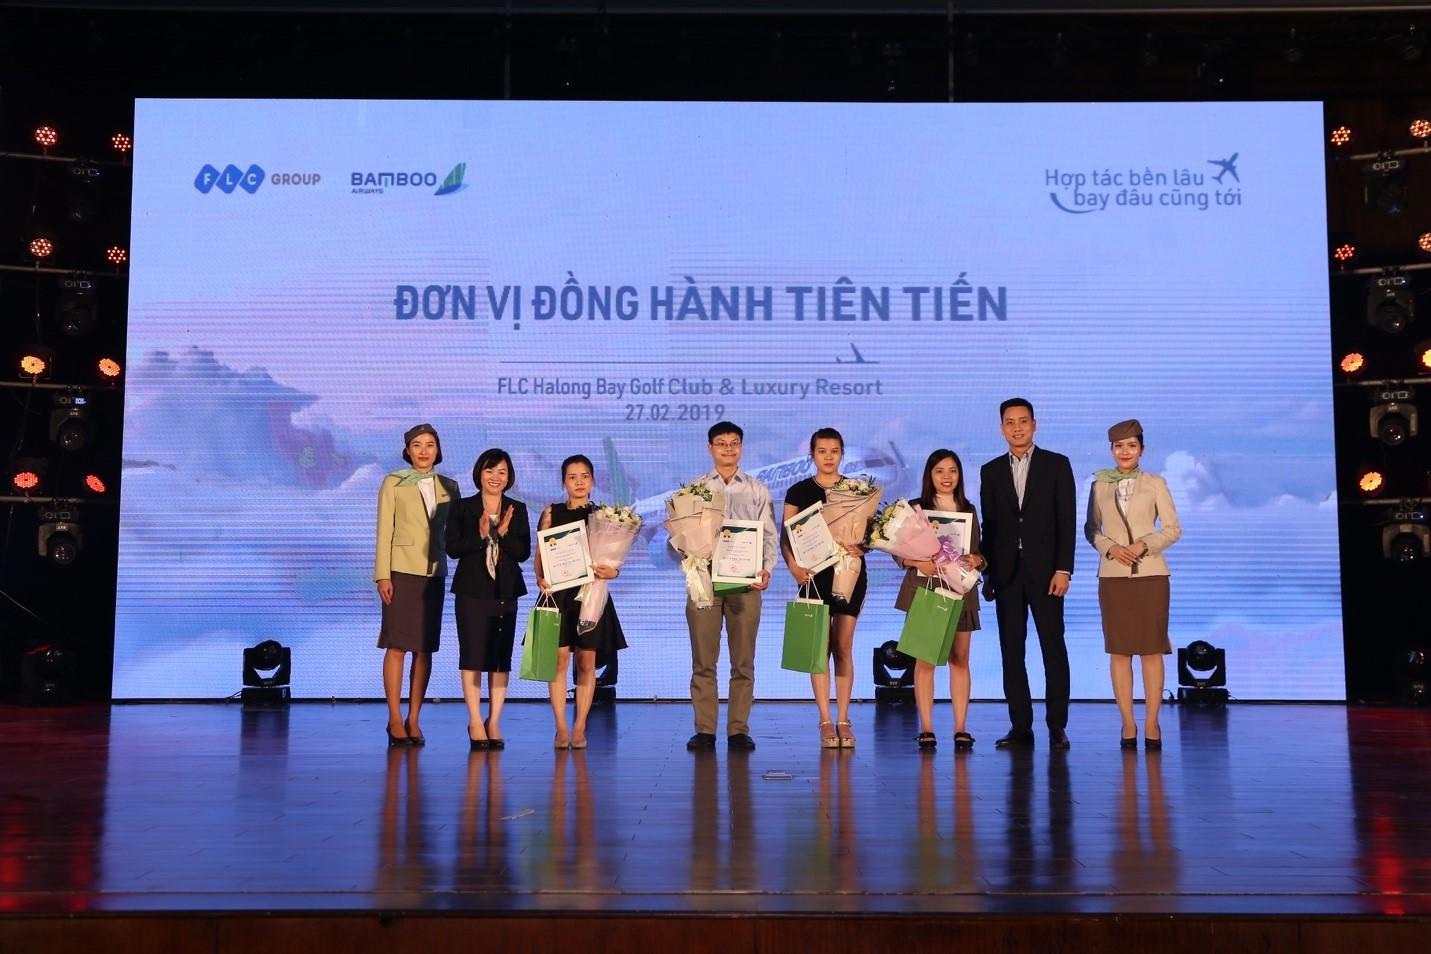 Khai thác thành công 1000 chuyến bay trong 5 tuần, Bamboo Airways đẩy mạnh tăng chuyến - Ảnh 2.